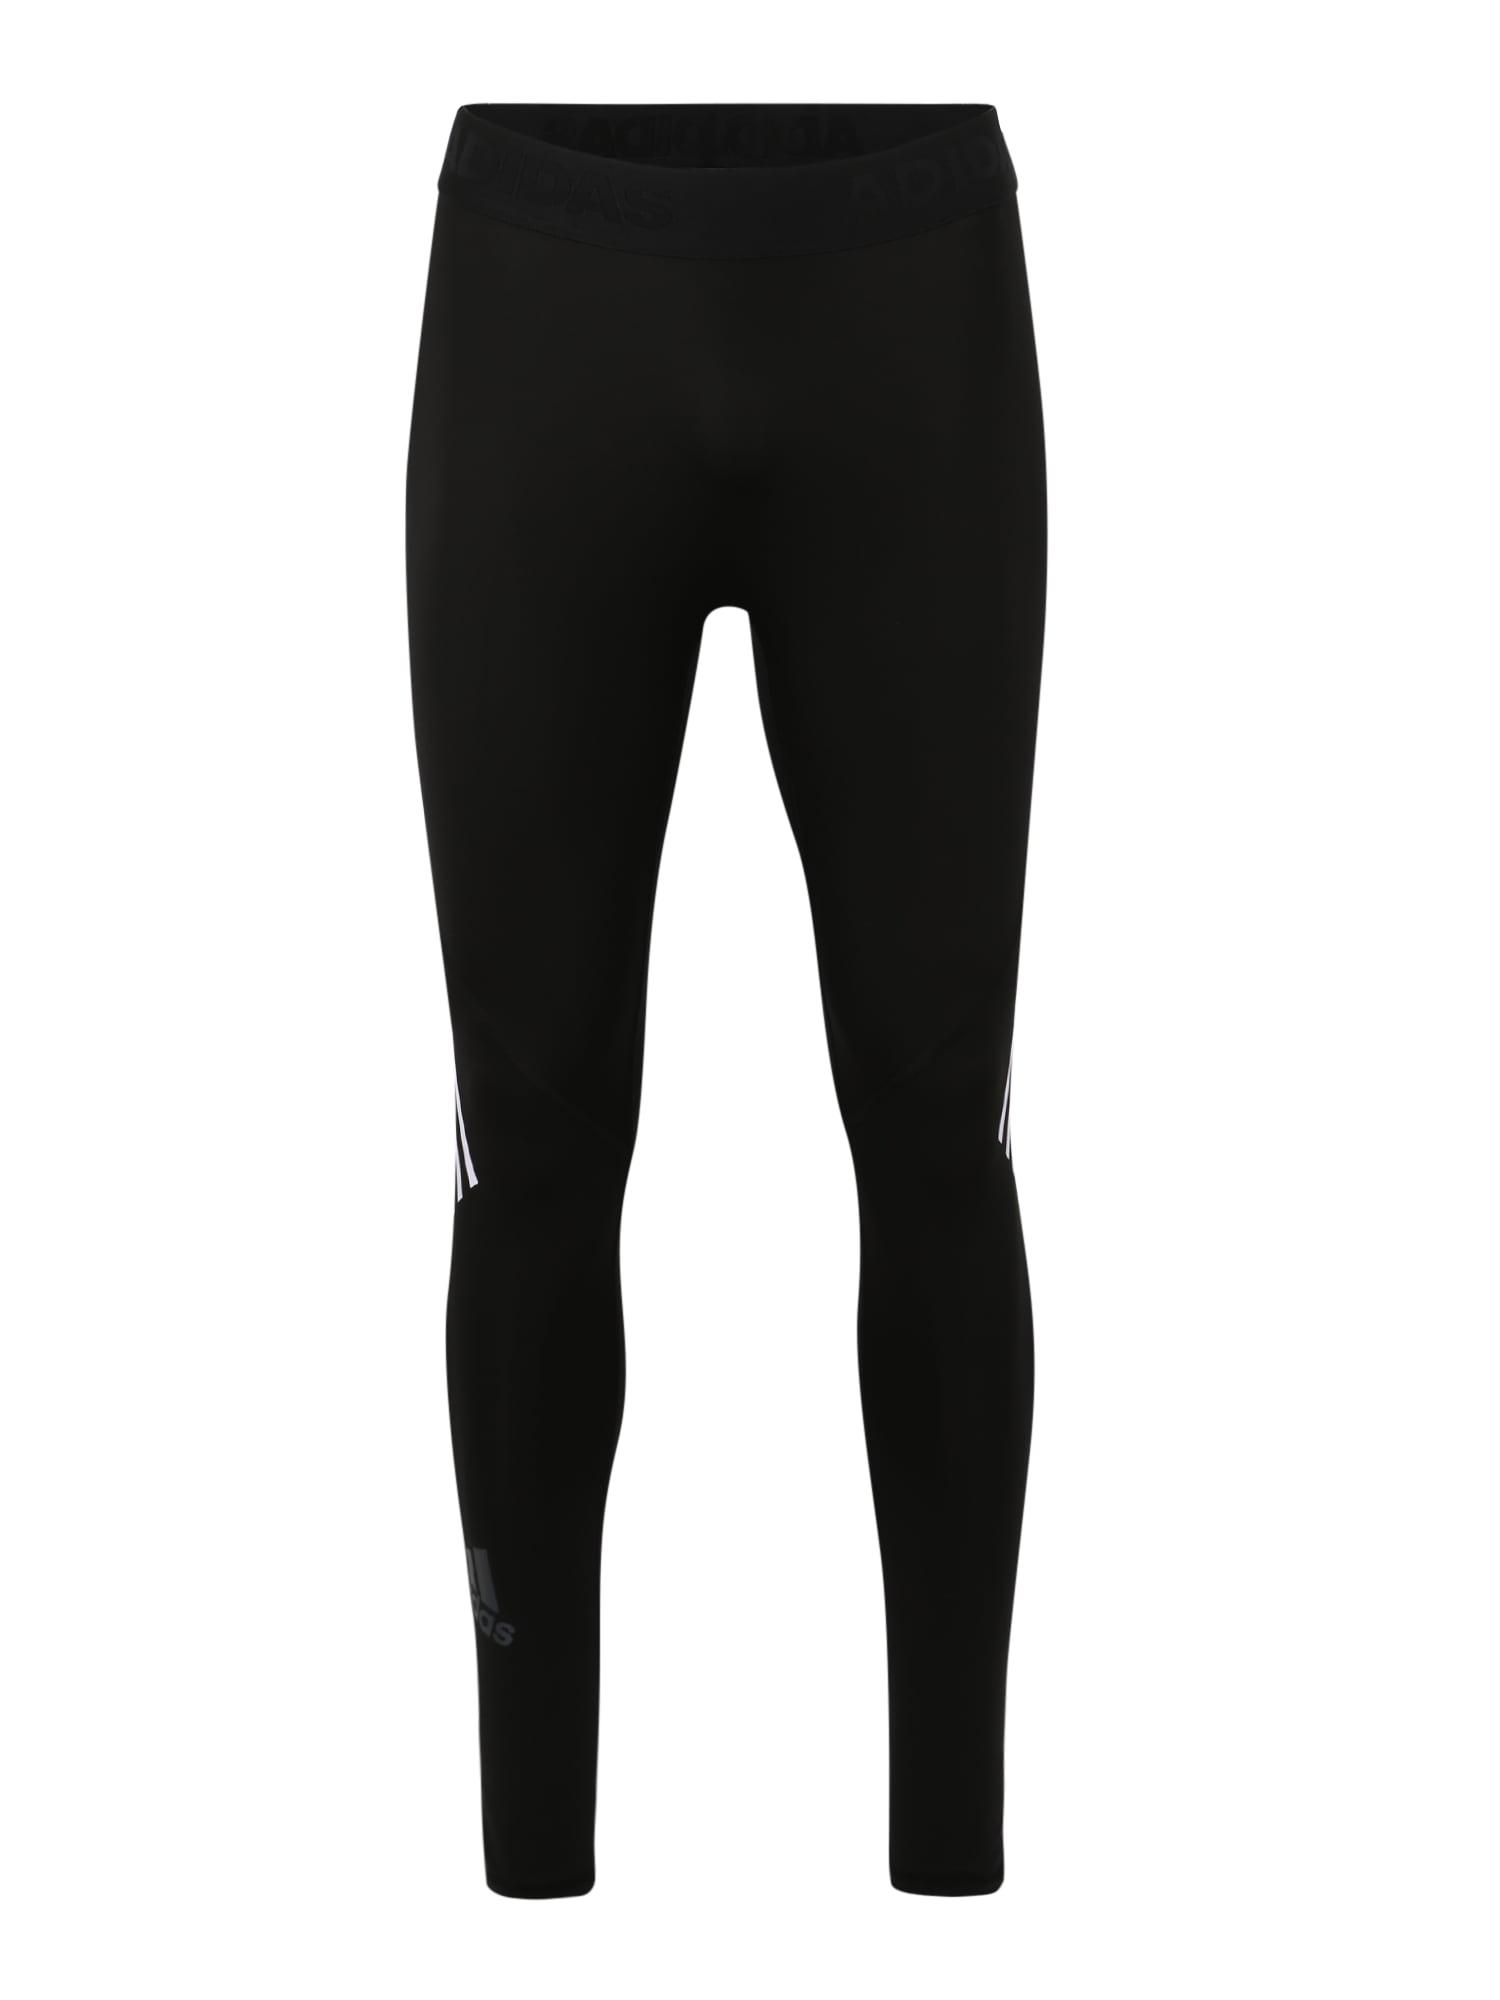 ADIDAS PERFORMANCE Sportinės kelnės 'ASK SPR LT 3S' juoda / balta